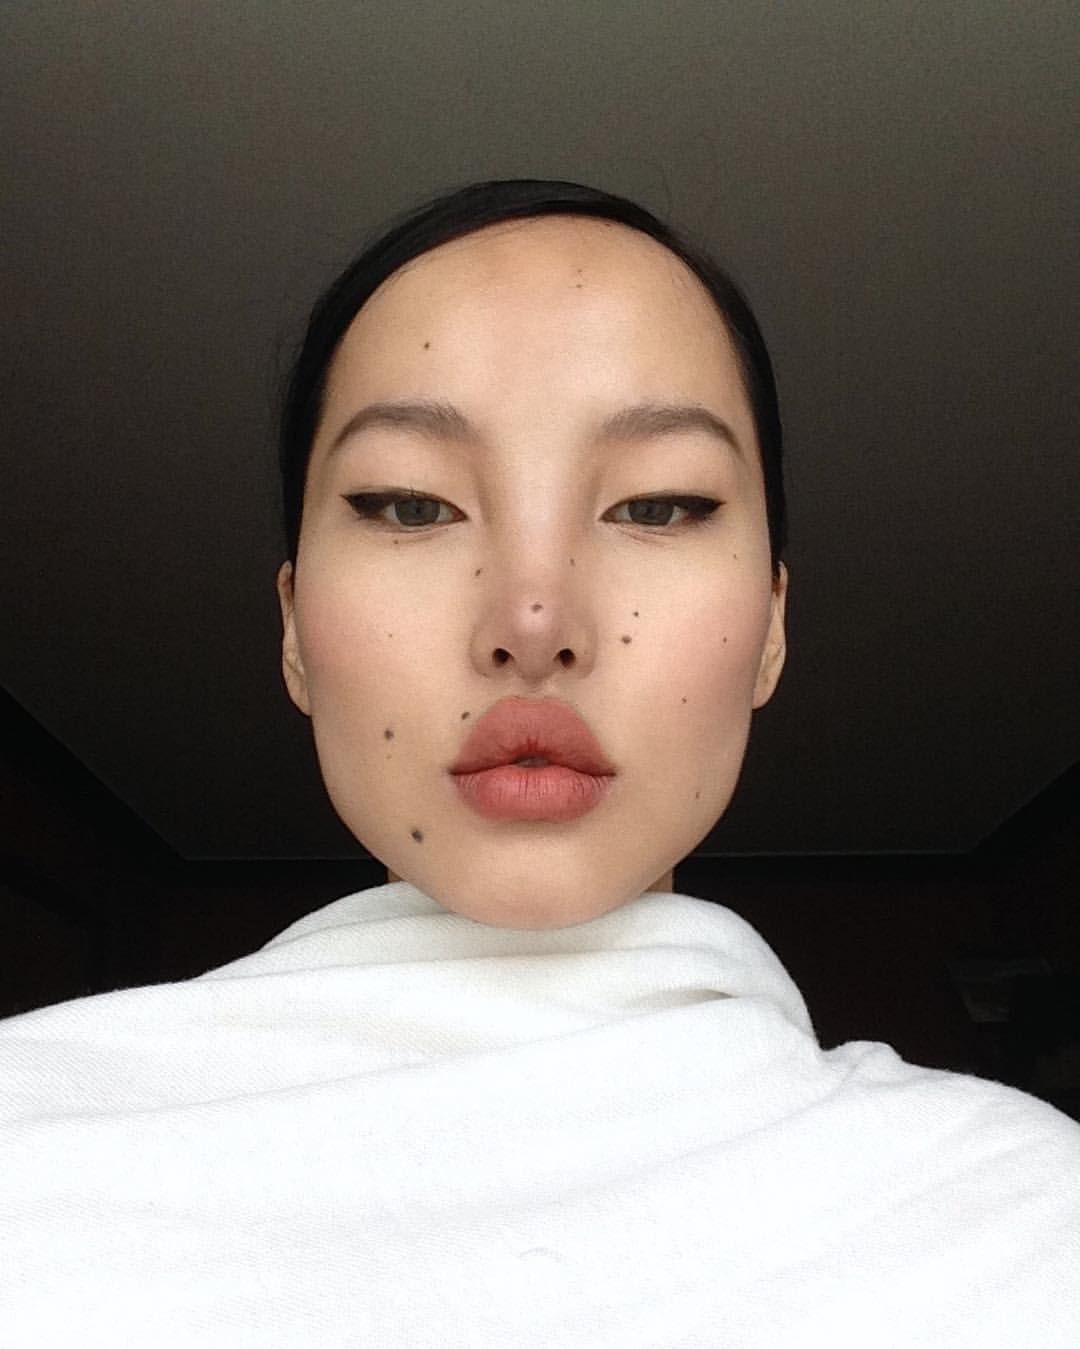 Pin By Msmayen On Beat It  Beauty Makeup, Face Art, Beauty-2627